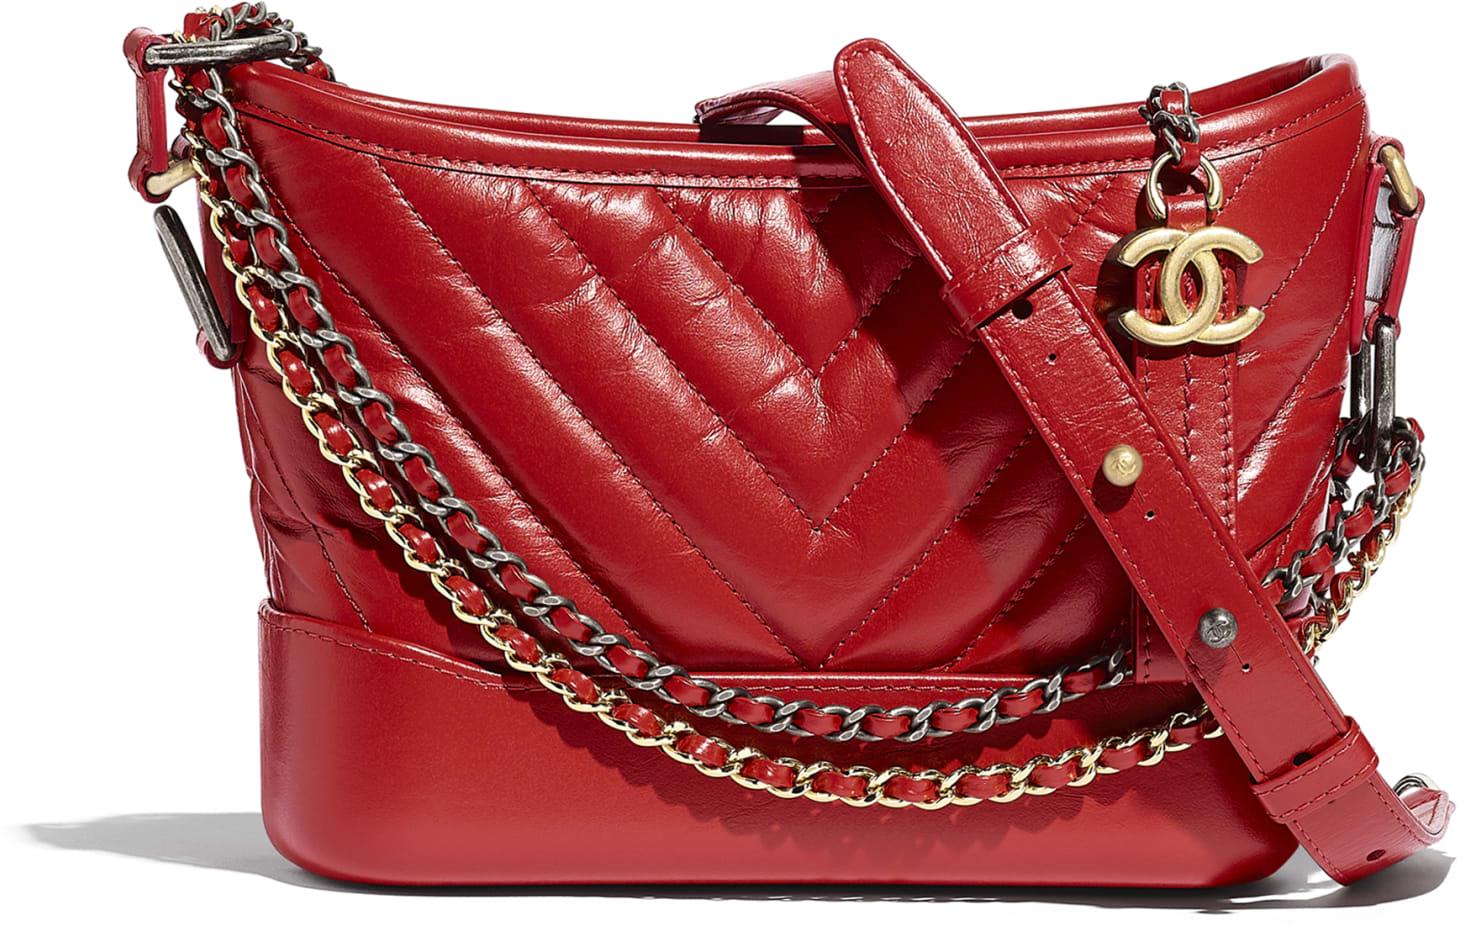 Borsa a spalla Gabrielle de Chanel rossa in pelle invecchiata